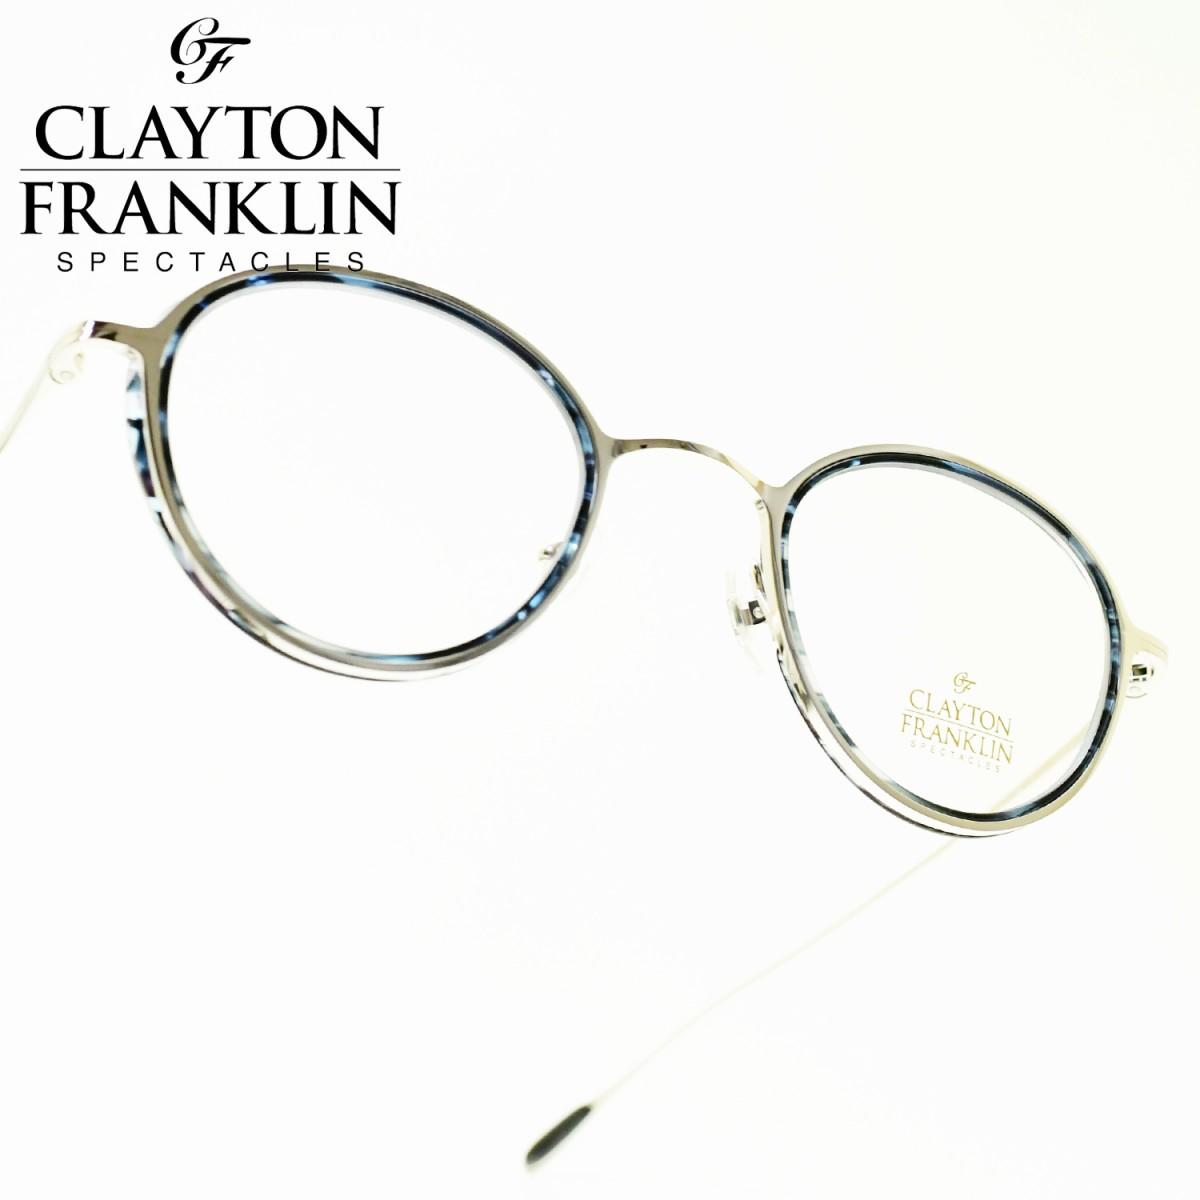 CLAYTON FRANKLIN クレイトンフランクリン627SS SL/BLS(シルバー ブルーササ/デモレンズ)メガネ 眼鏡 めがね メンズ レディース おしゃれブランド 人気 おすすめ フレーム 流行り 度付き レンズ